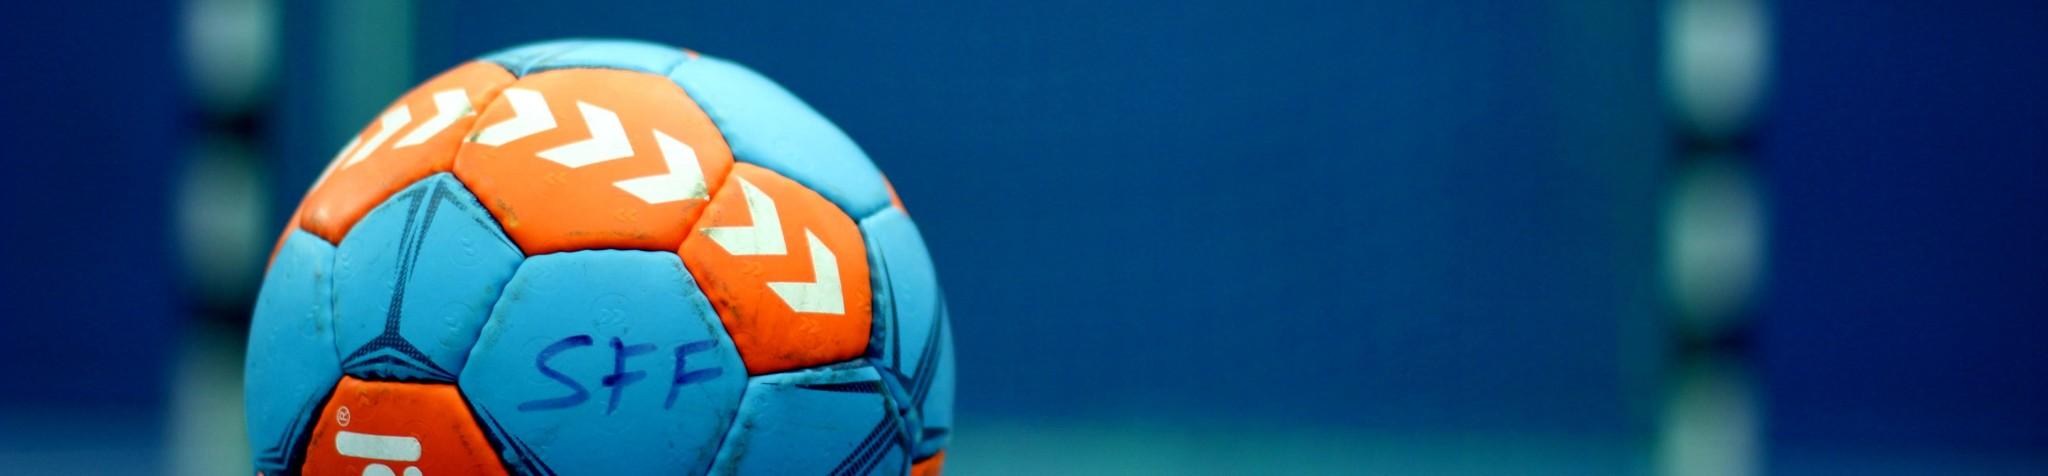 Sportfreunde Föching Handball Ball vor Tor